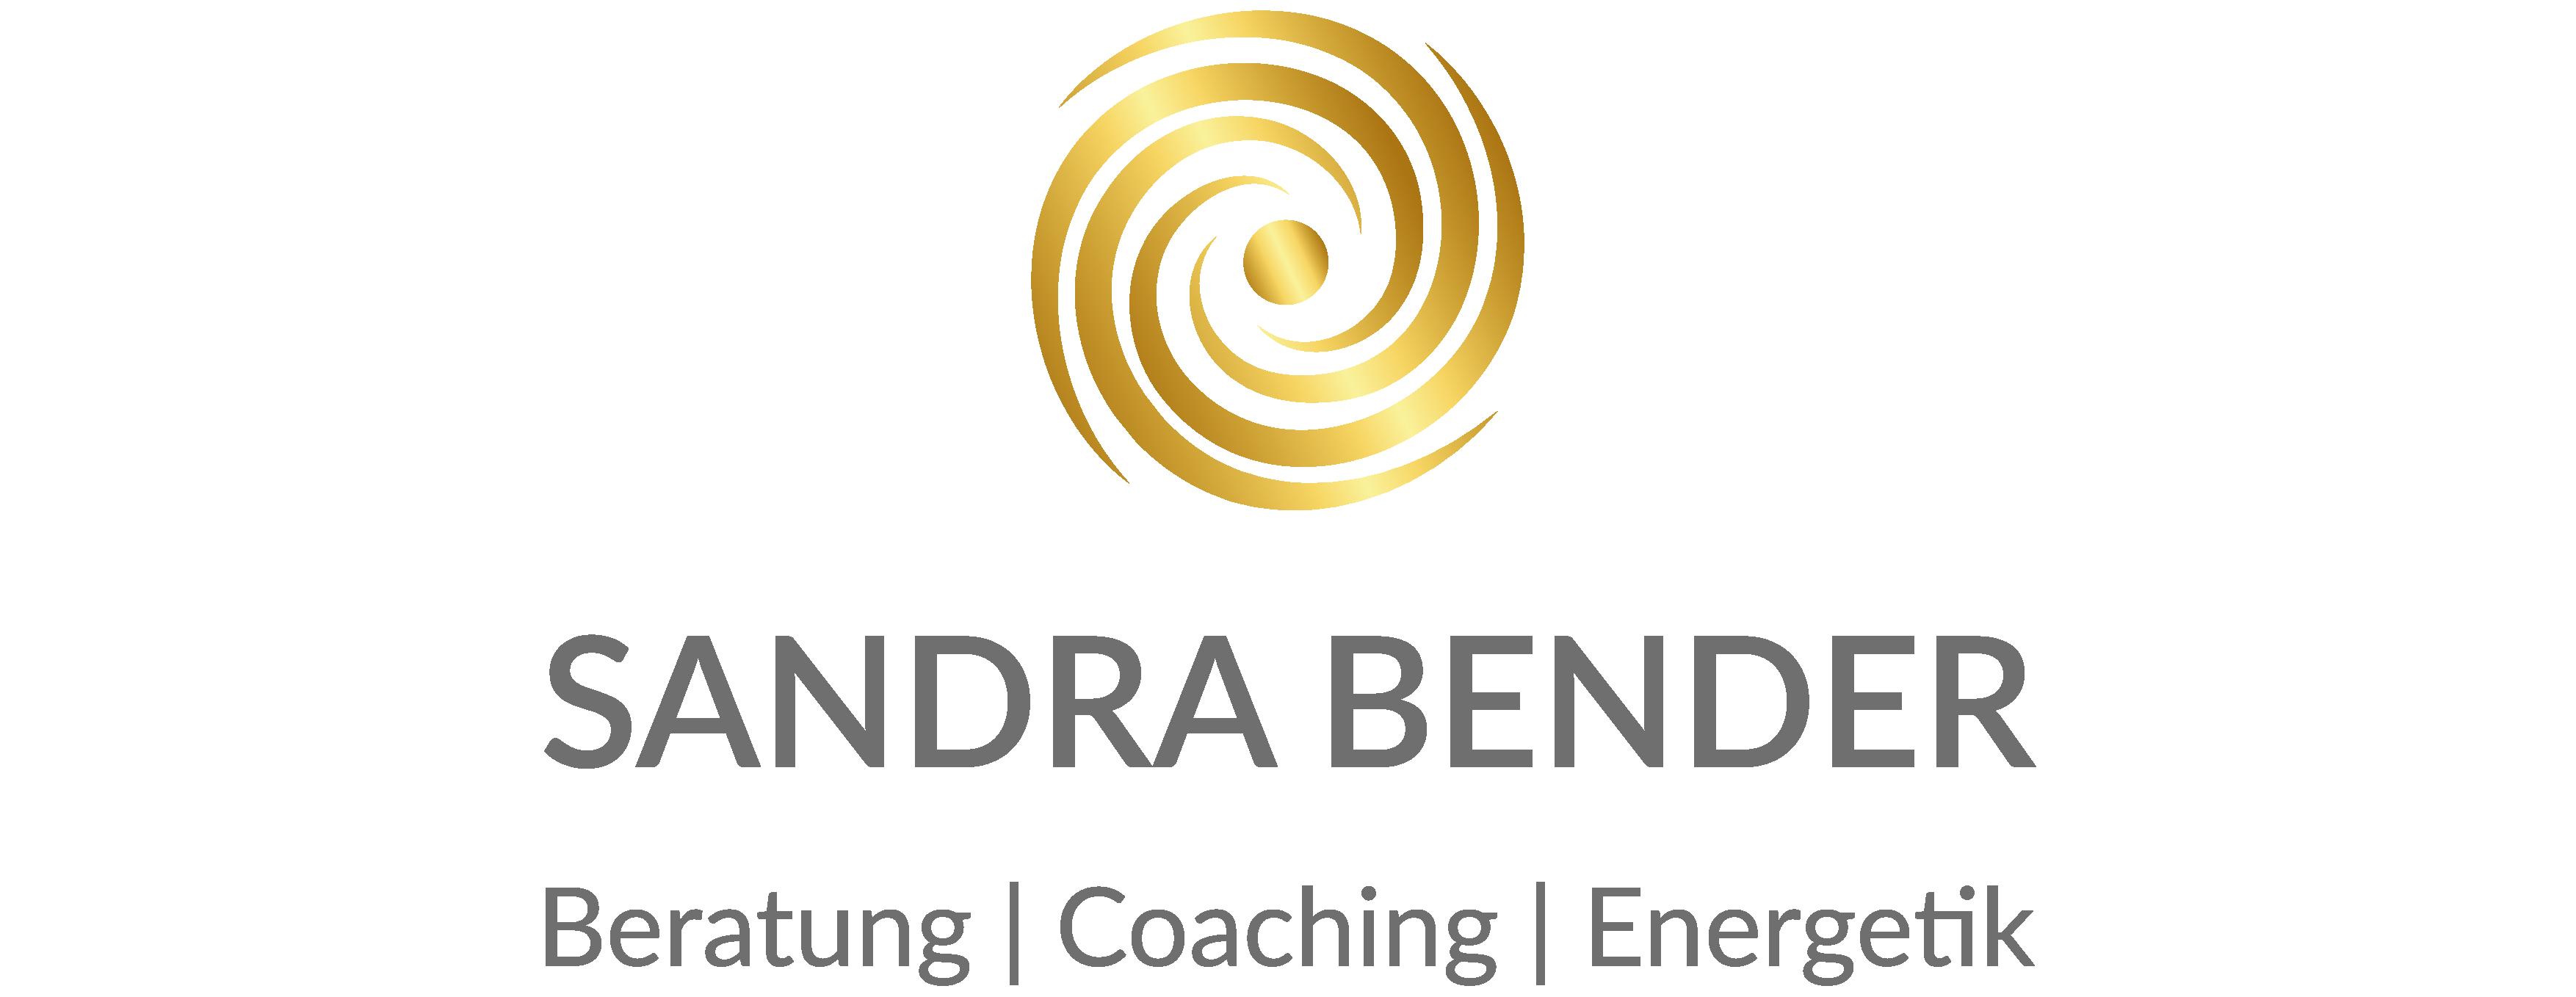 SANDRA BENDER